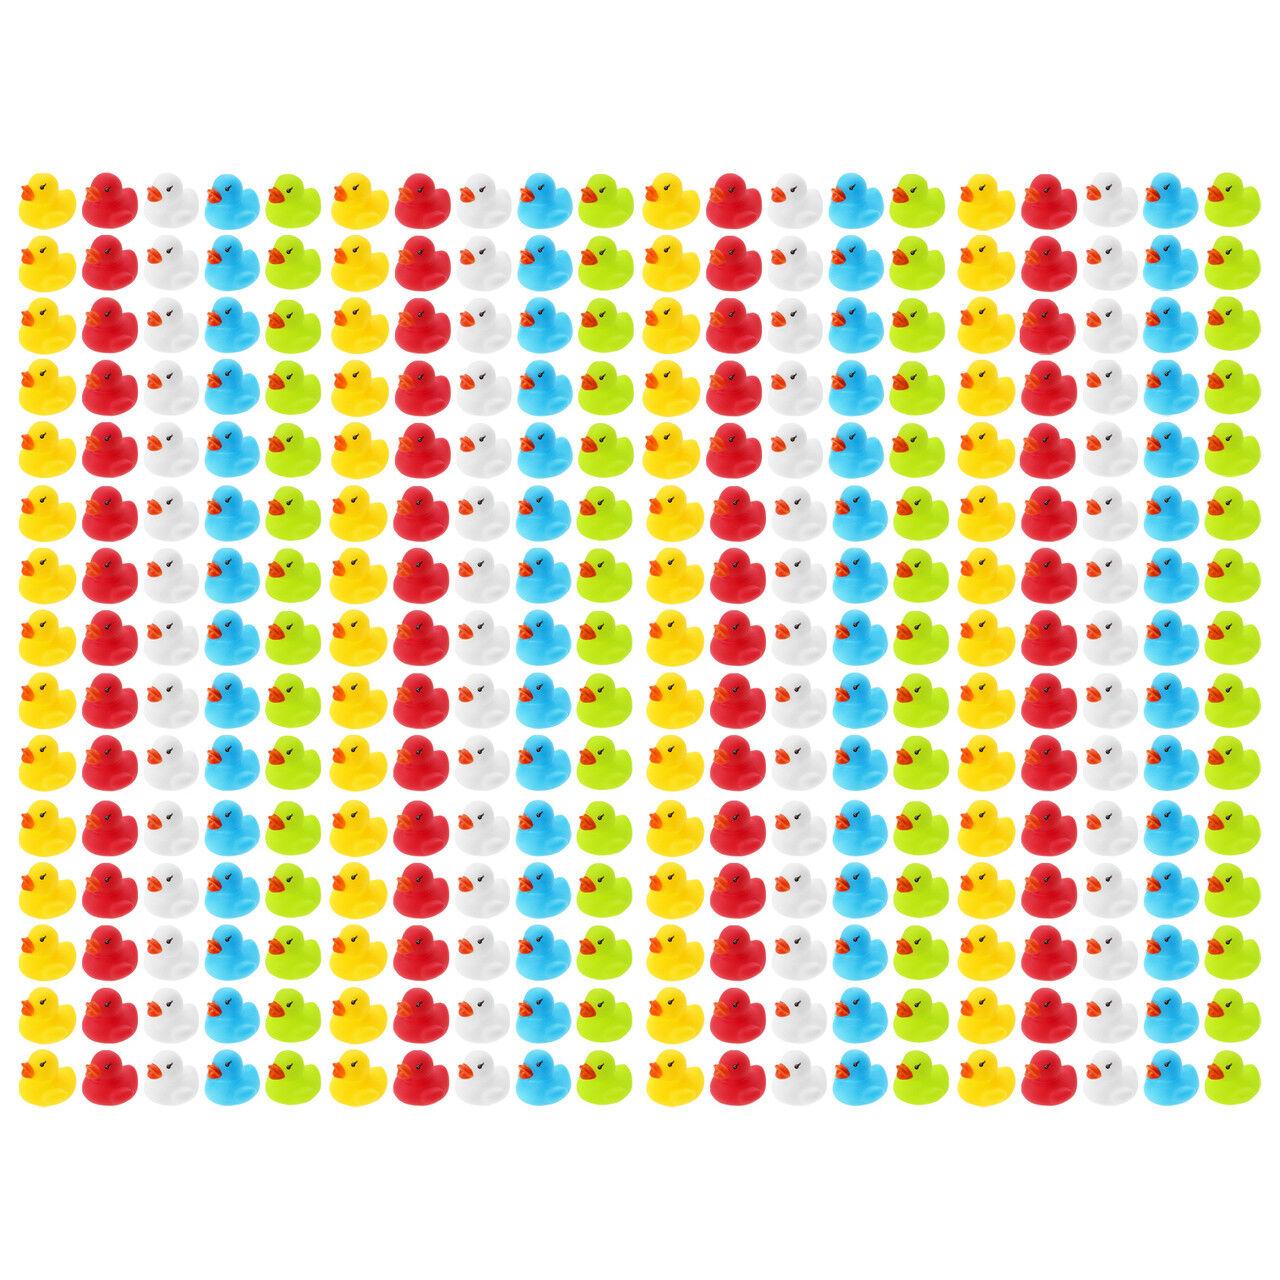 300 WELLGRO Badeenten 3cm Quietscheente Gummiente Schwimmente Enten Plastikente Plastikente Plastikente 339556